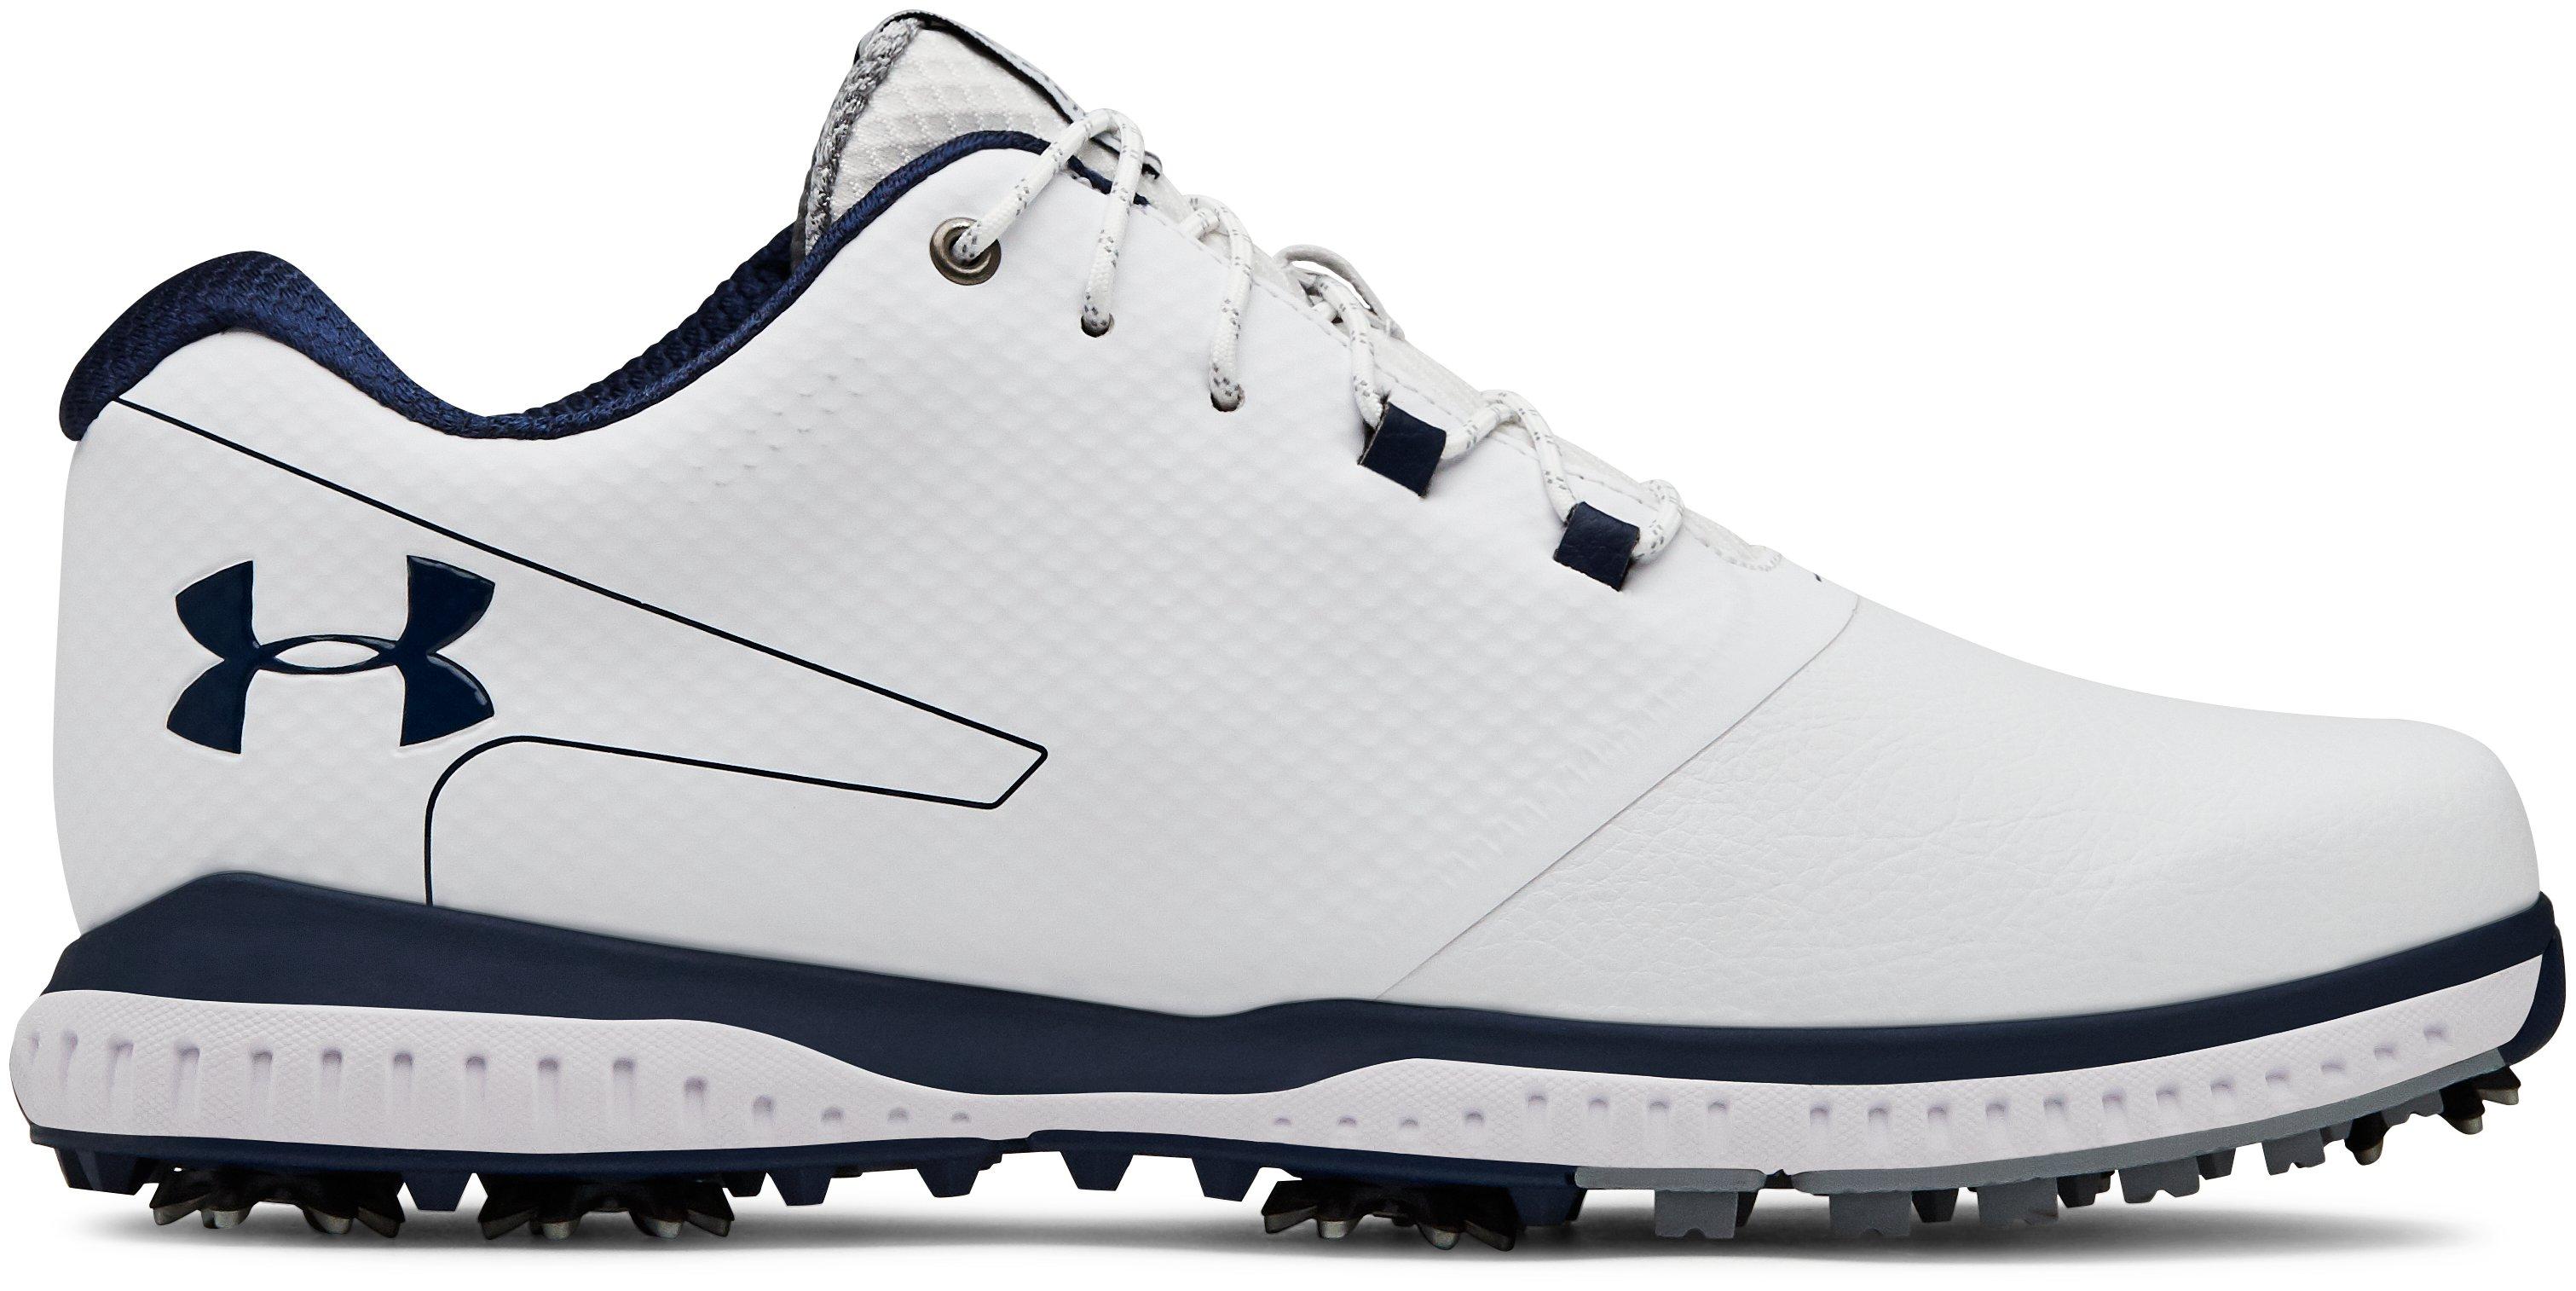 Sepatu Golf UA Fade RST 2 Wide EE untuk Pria, 360 degree view